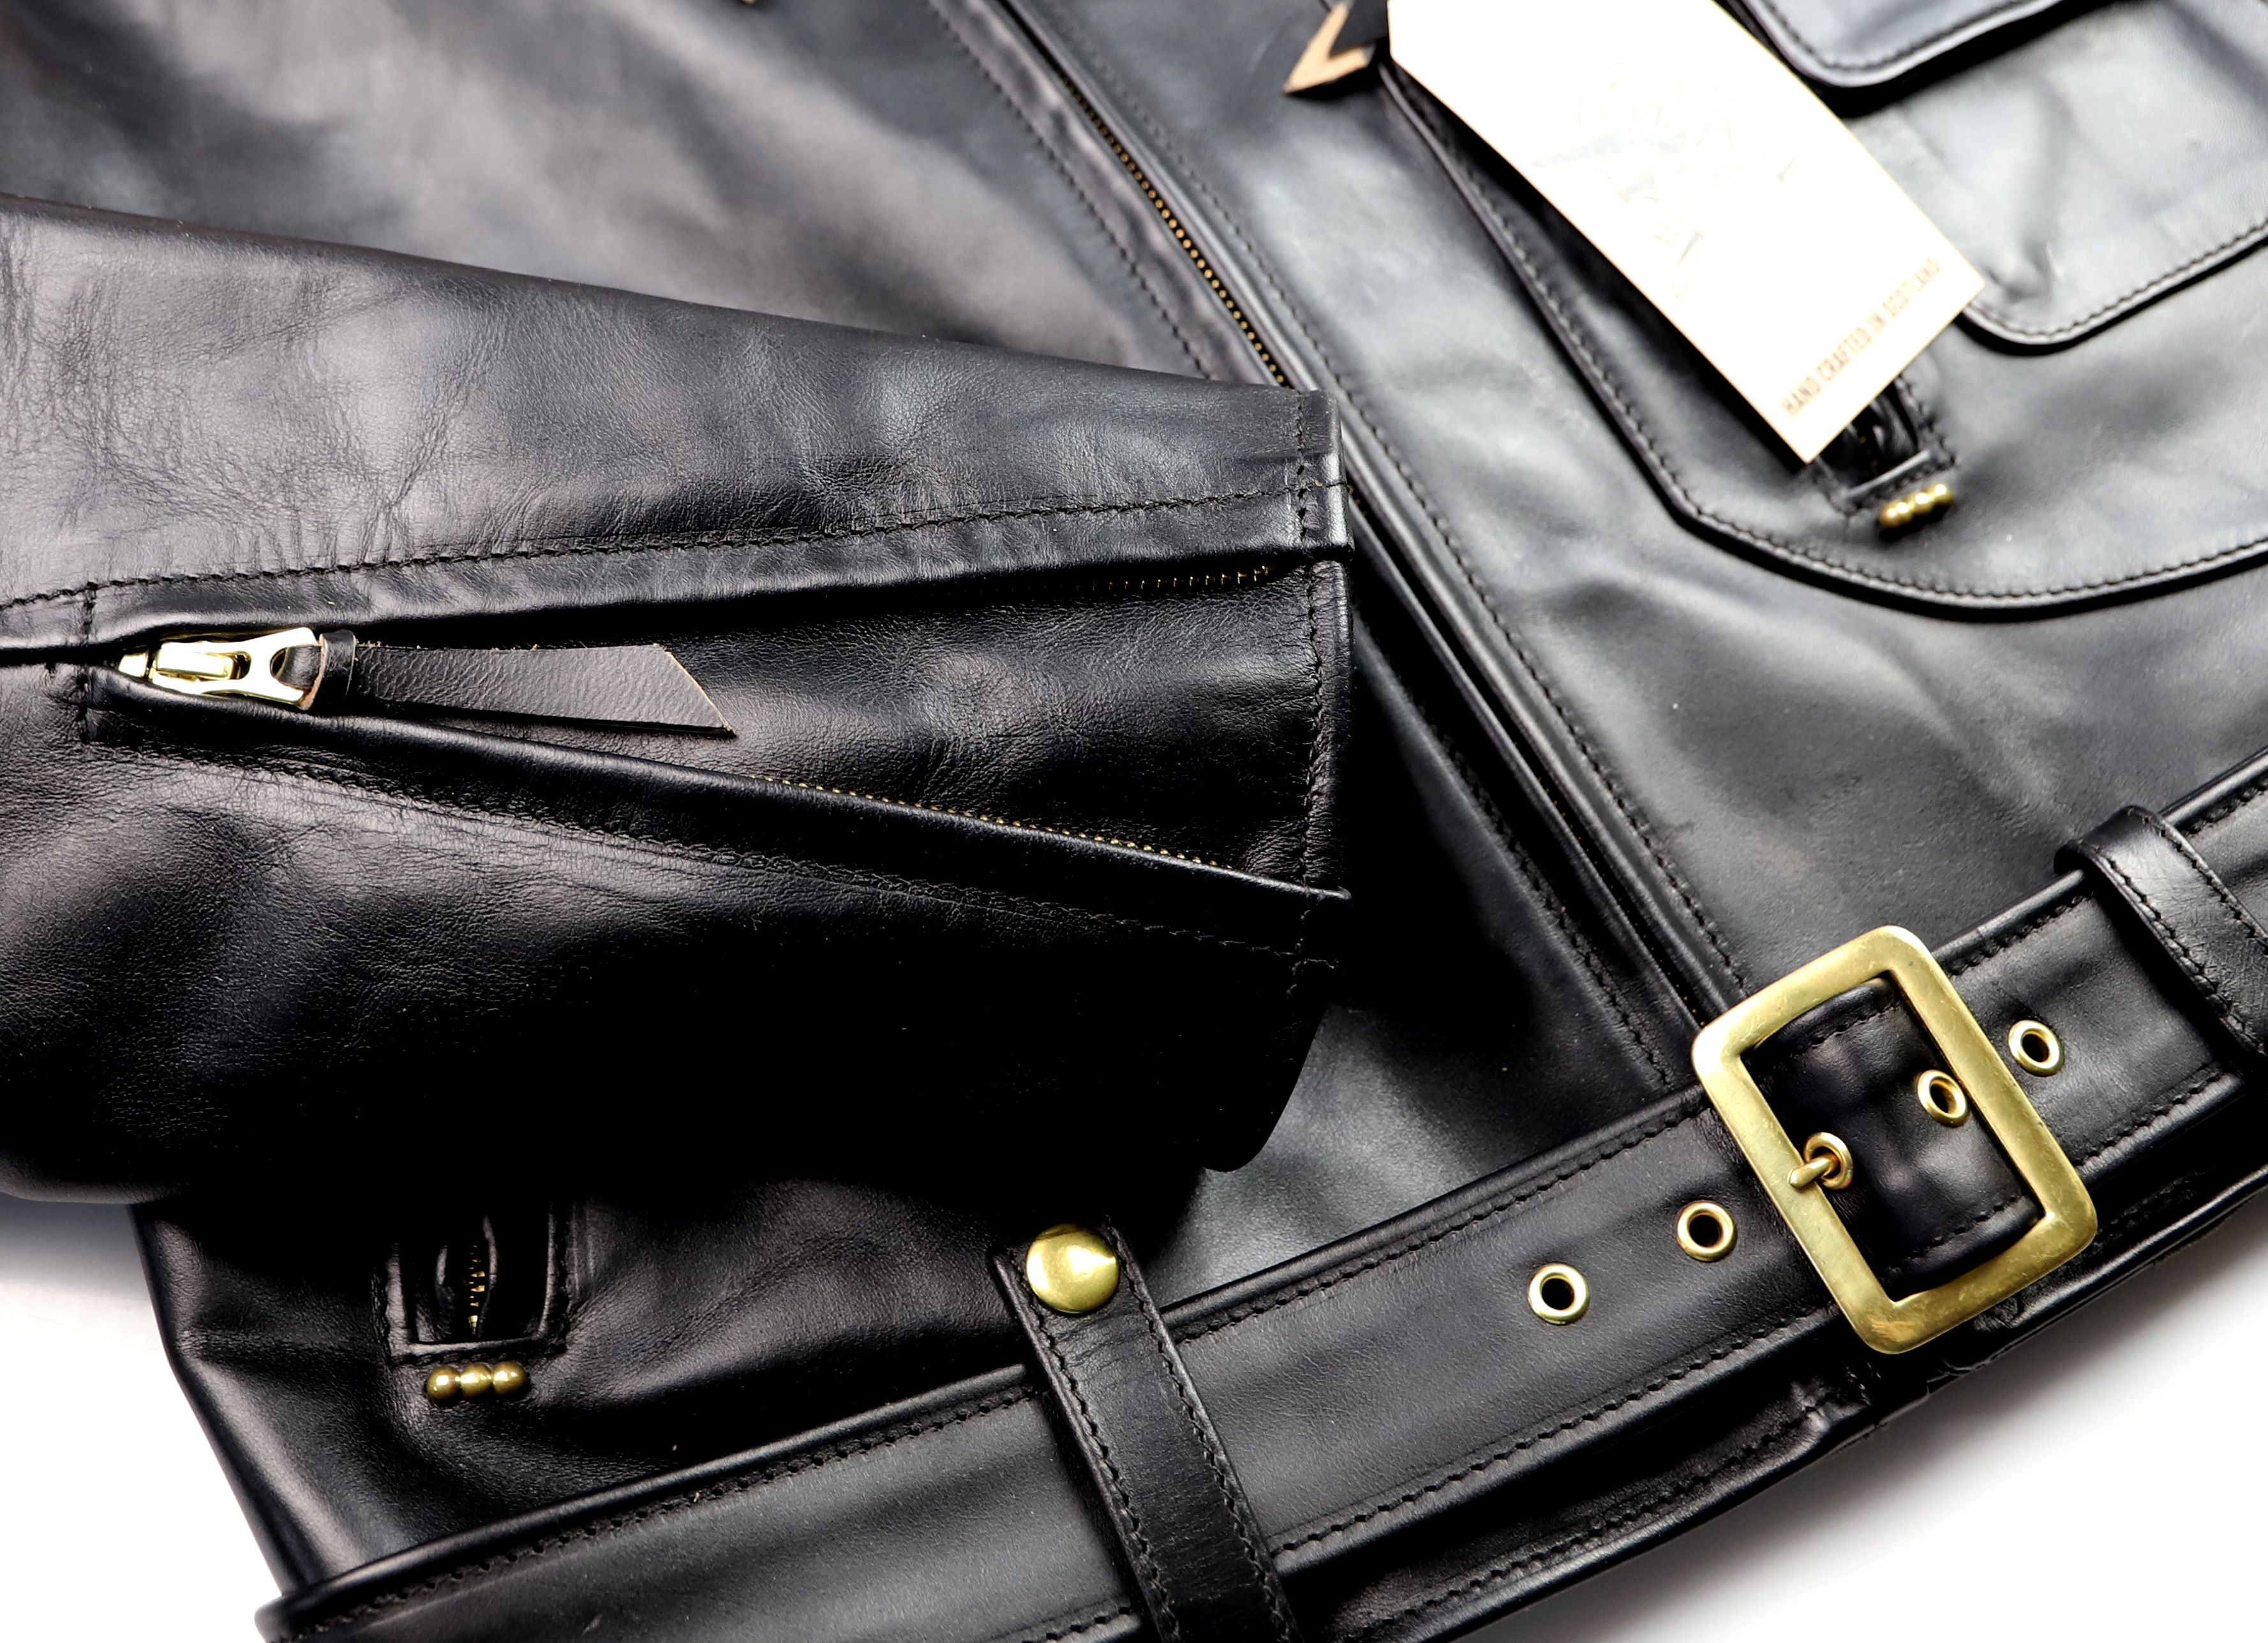 Aero J106 Black CXL FQHH RF1 sleeve zipper.jpg